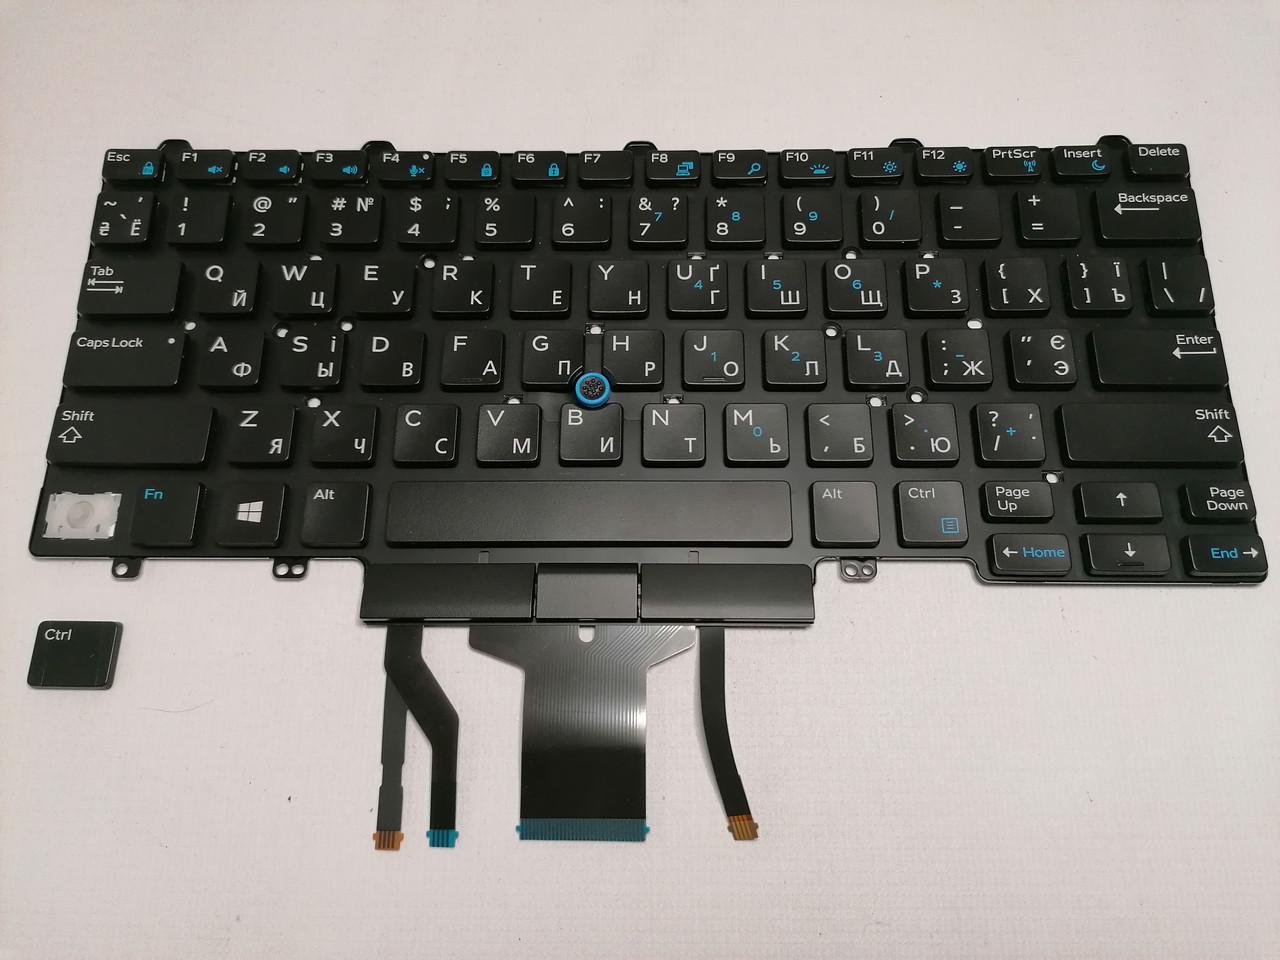 Клавиатура для Dell Latitude 14 5000 7000 Series E5450 E5470 E5480 5490 E5491 5495 E7450 7470 E7480 7490